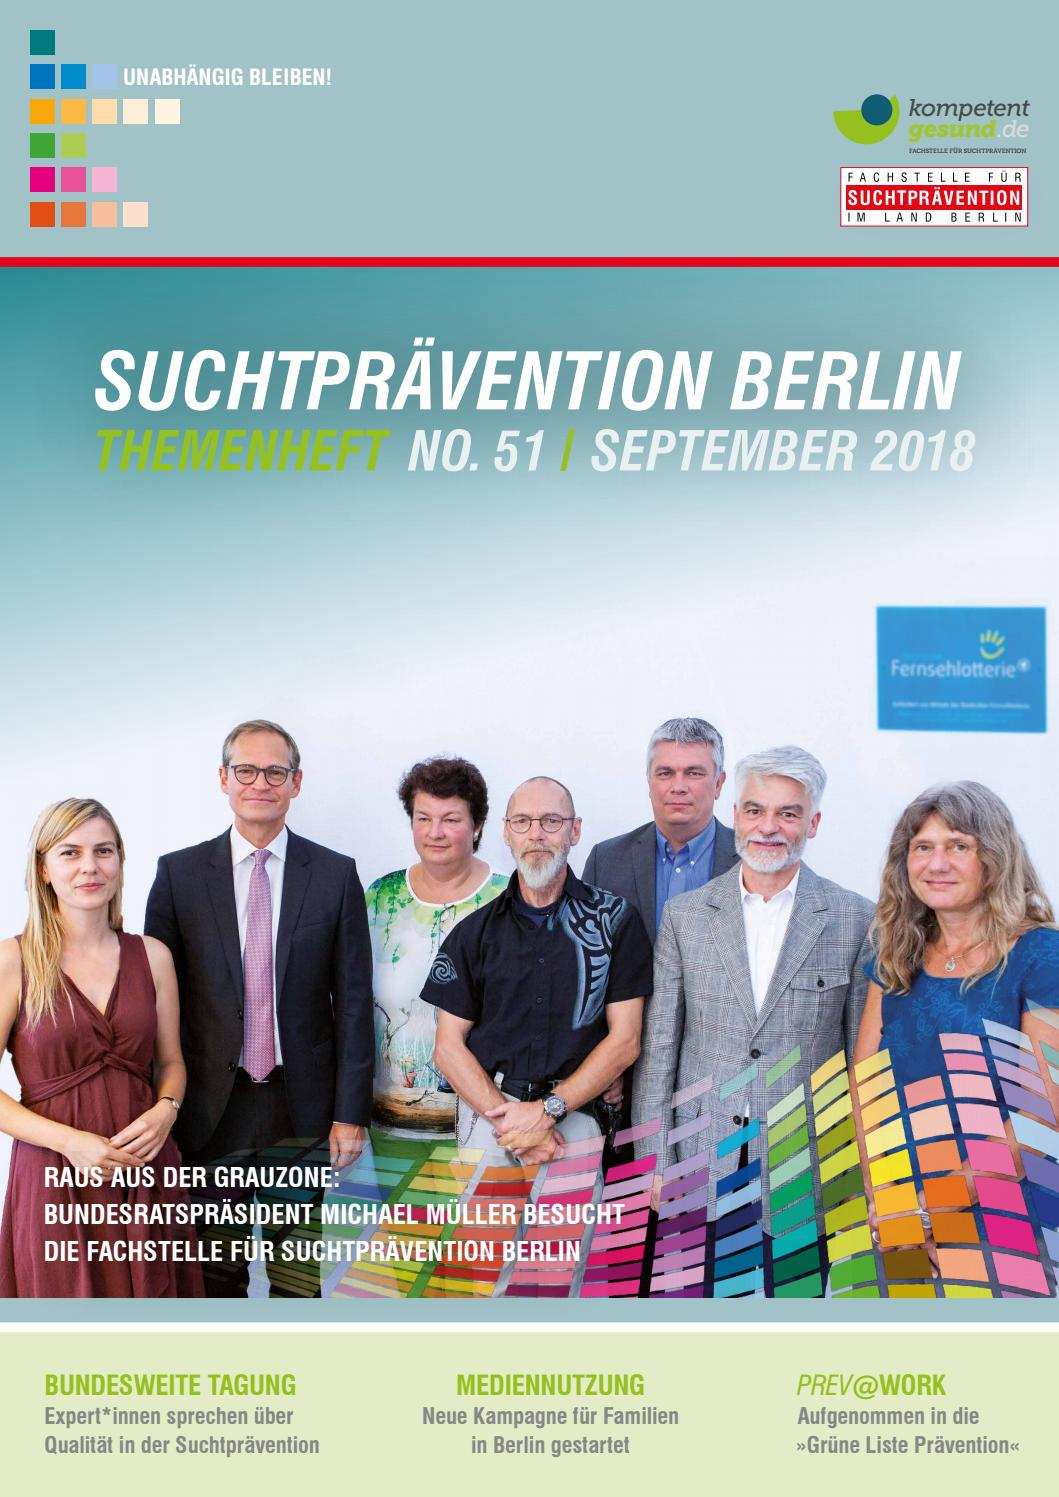 Fachstelle Für Suchtprävention Berlin